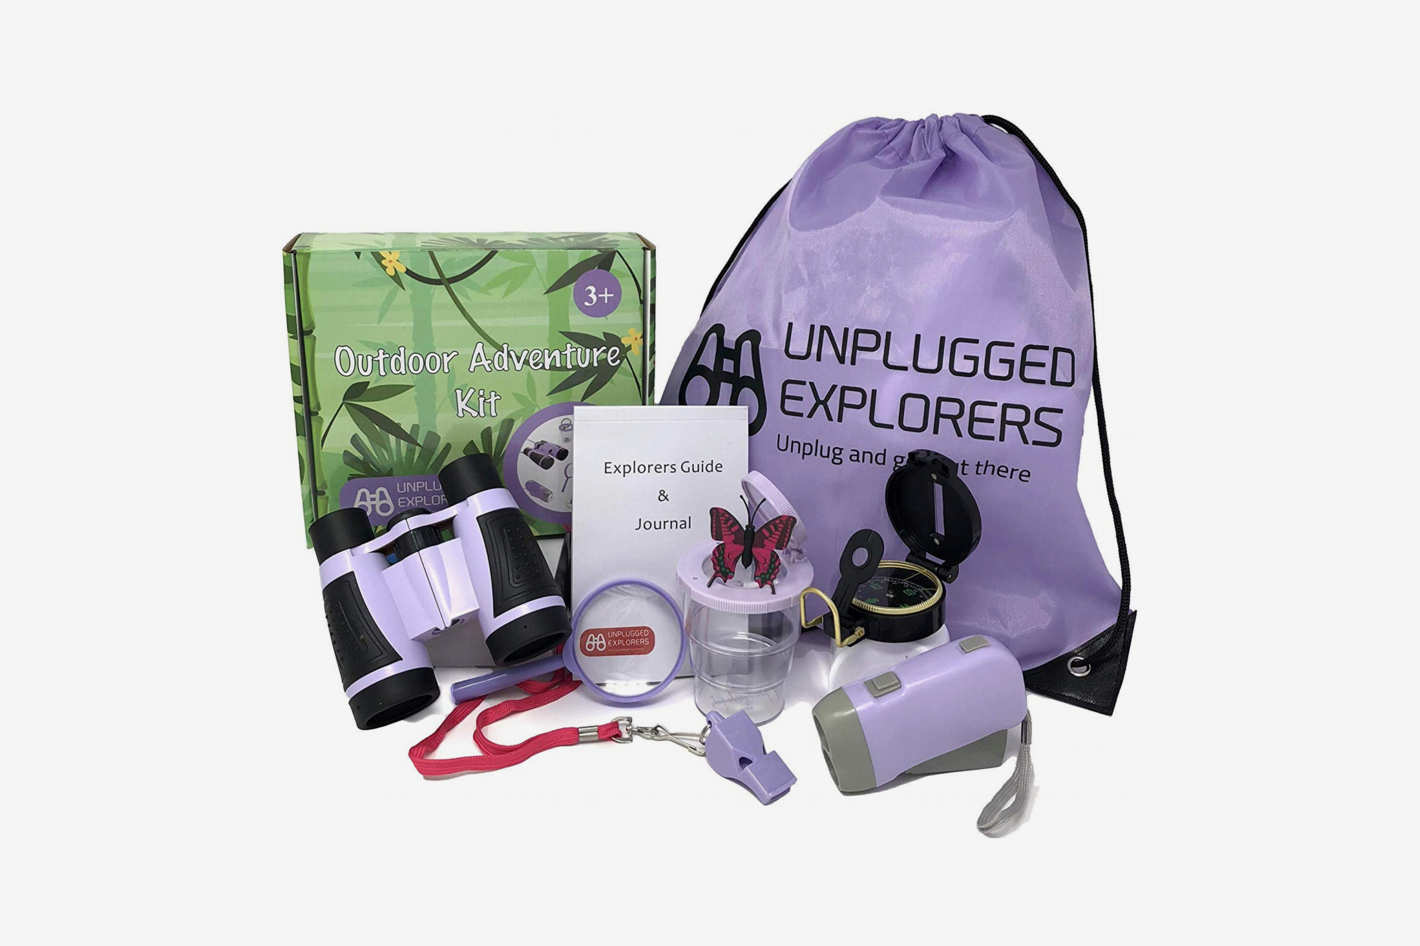 Unplugged Explorers Adventure Kit